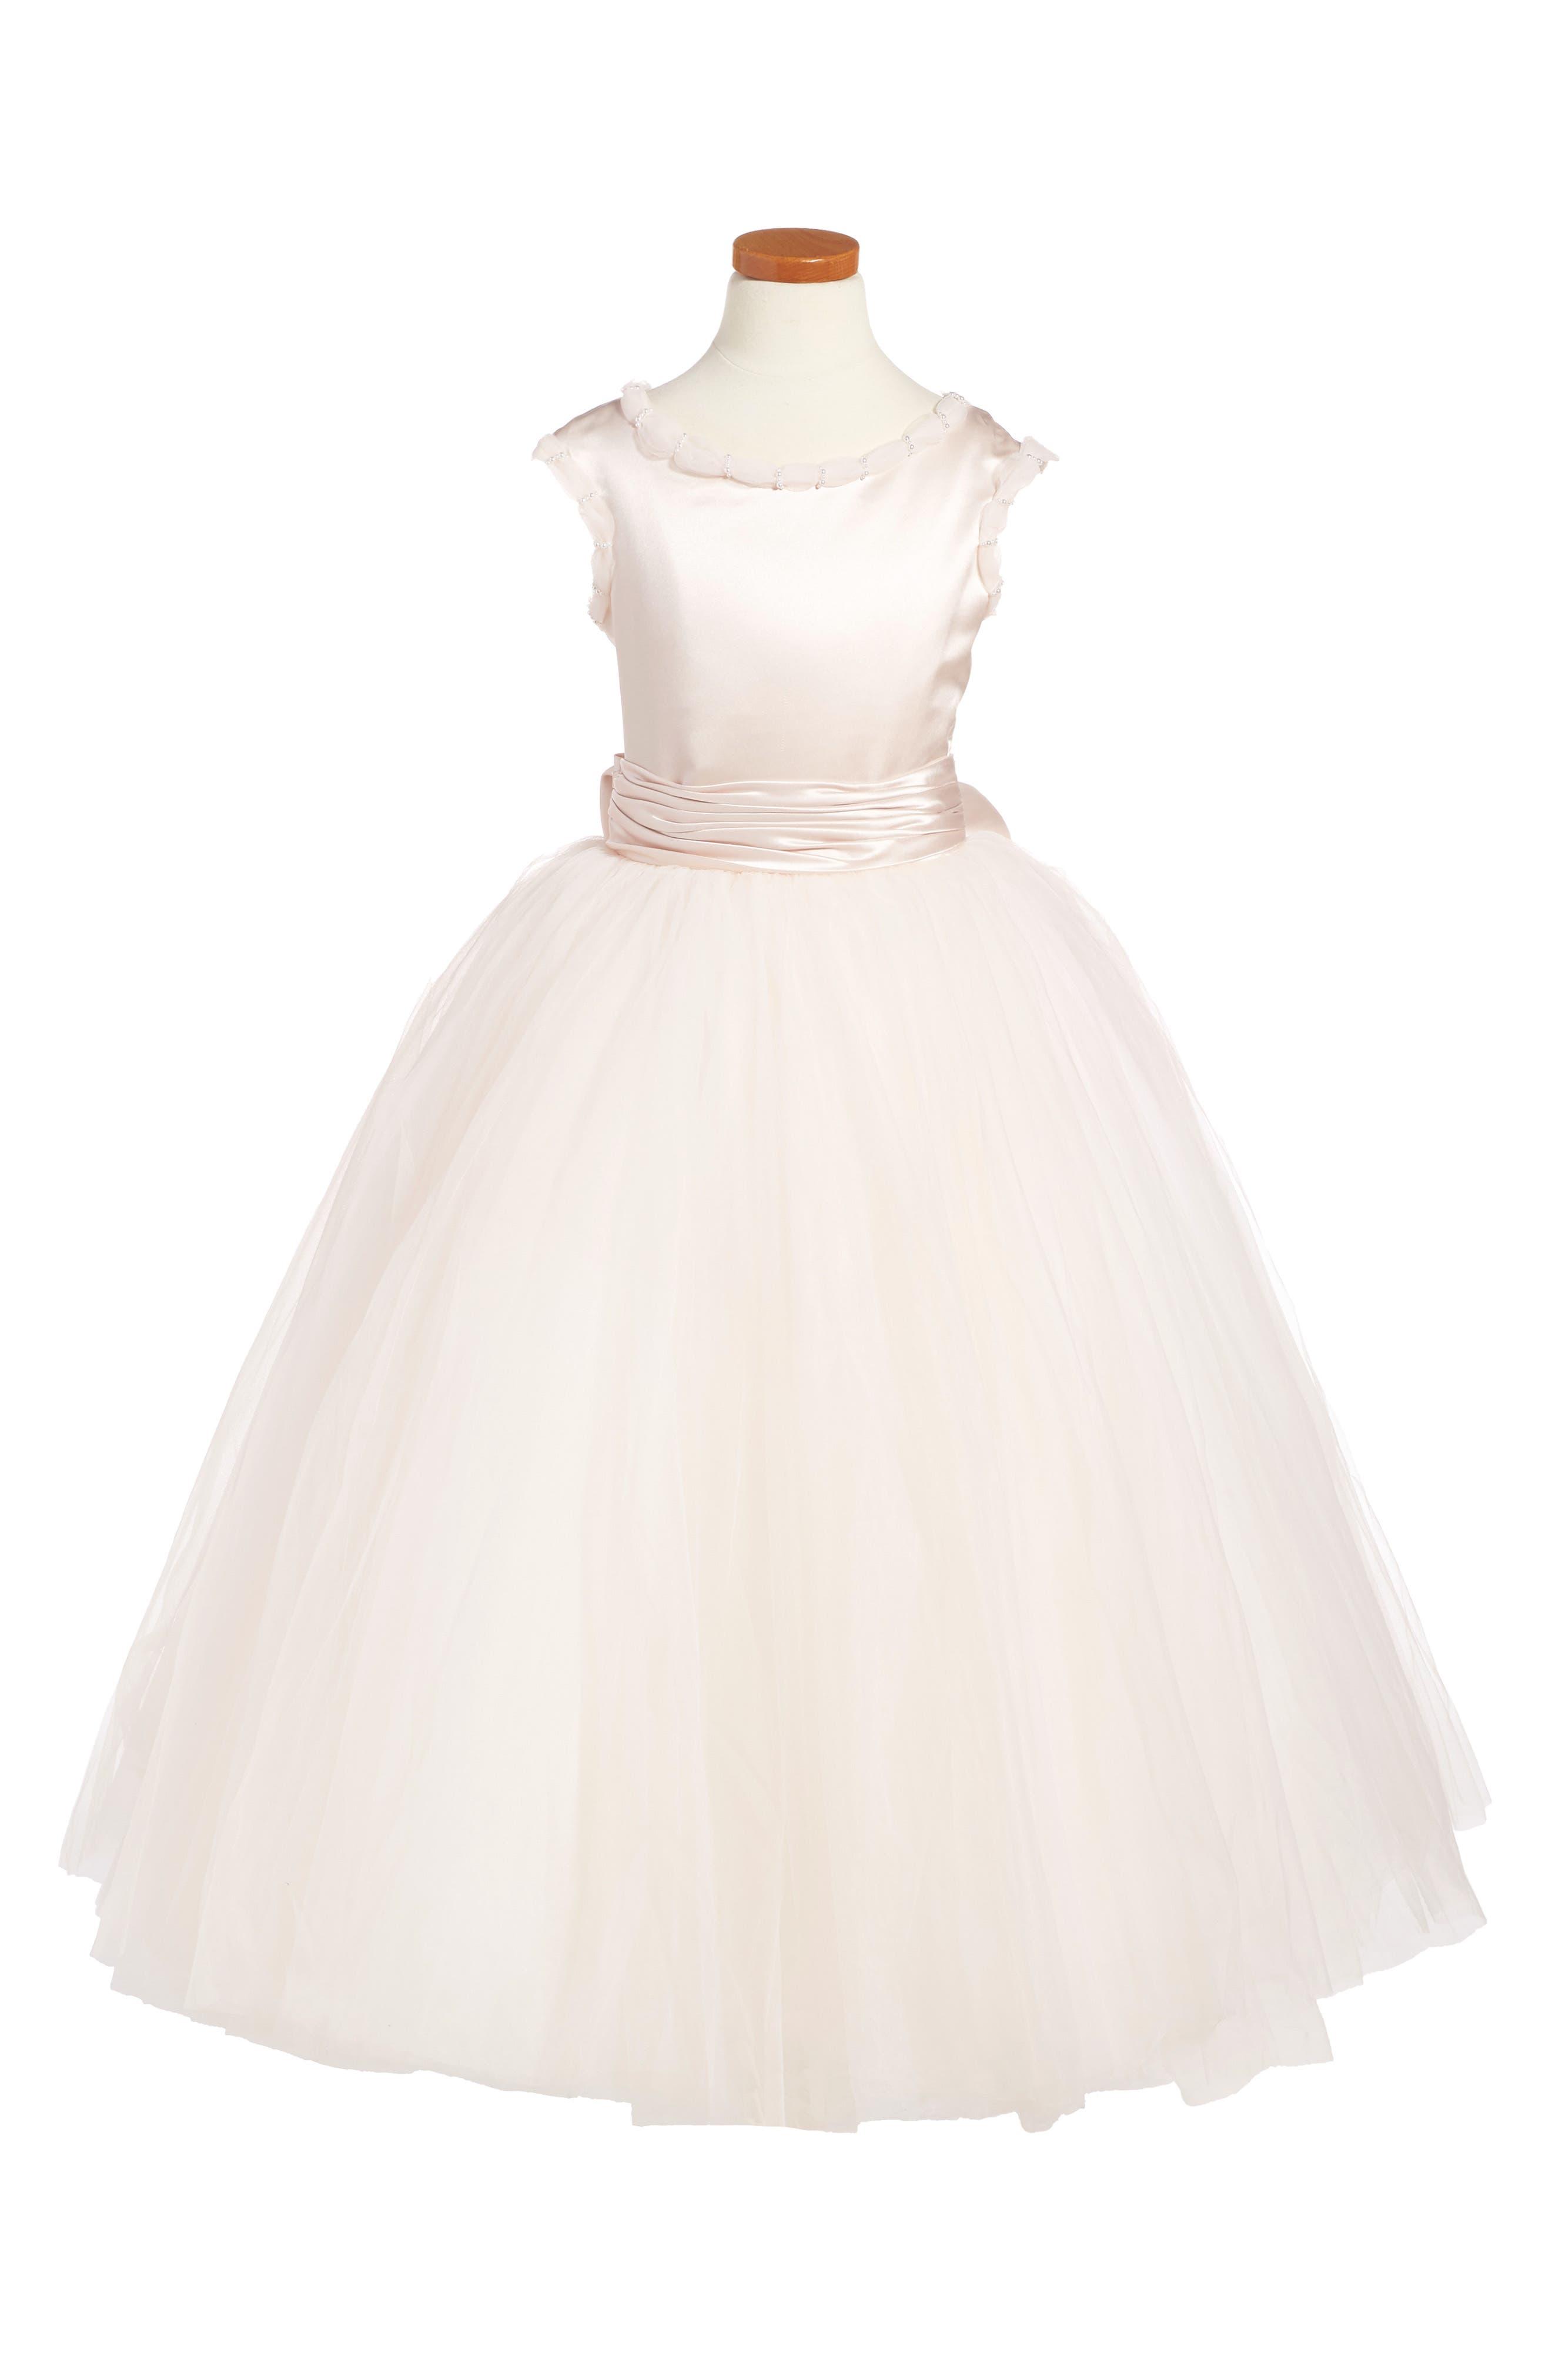 Alternate Image 1 Selected - Joan Calabrese for Mon Cheri Tulle Dress (Little Girls & Big Girls)